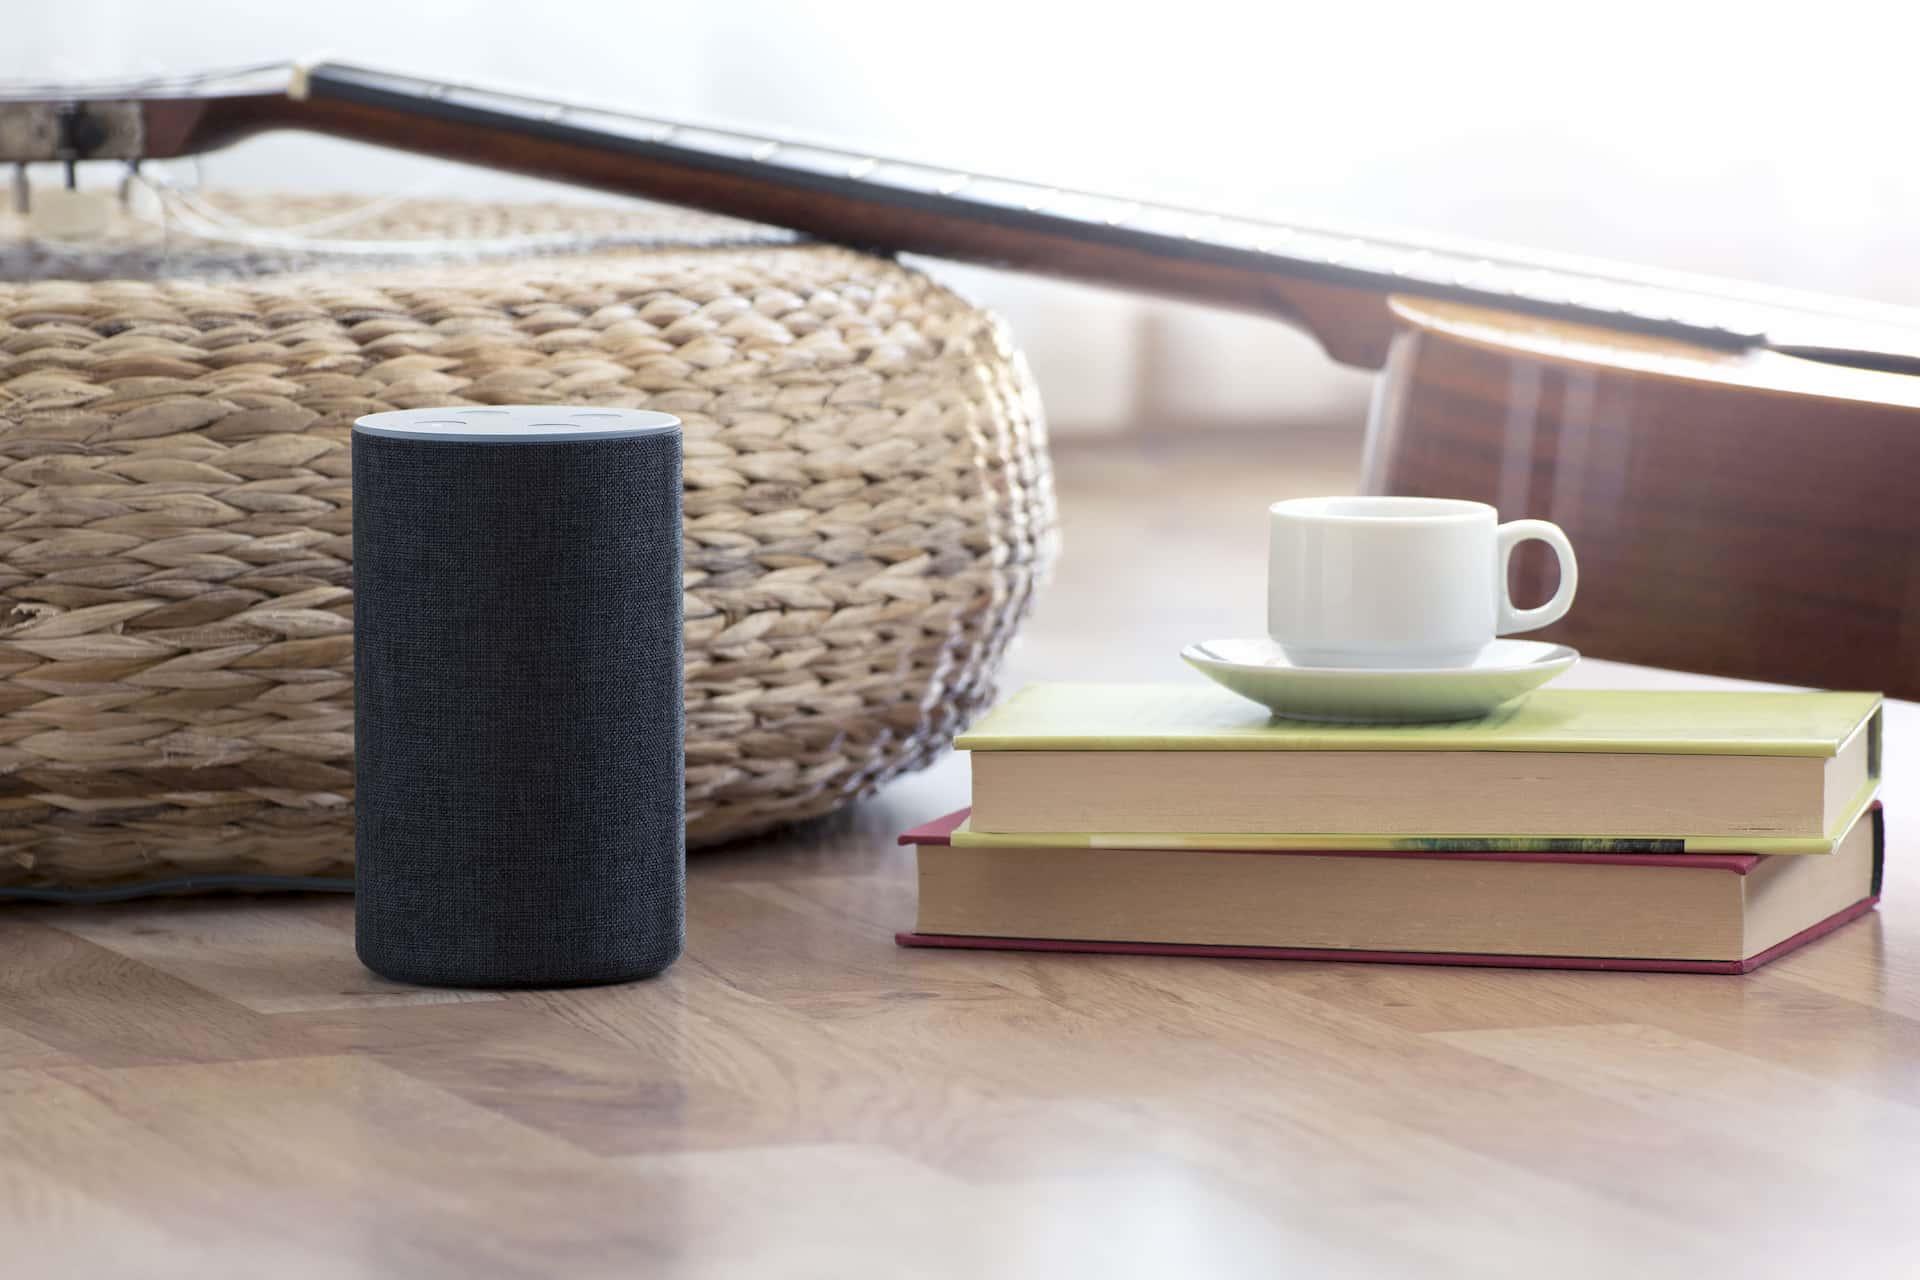 Aplicaciones para dormir: la Skill de Alexa – LOMONACO